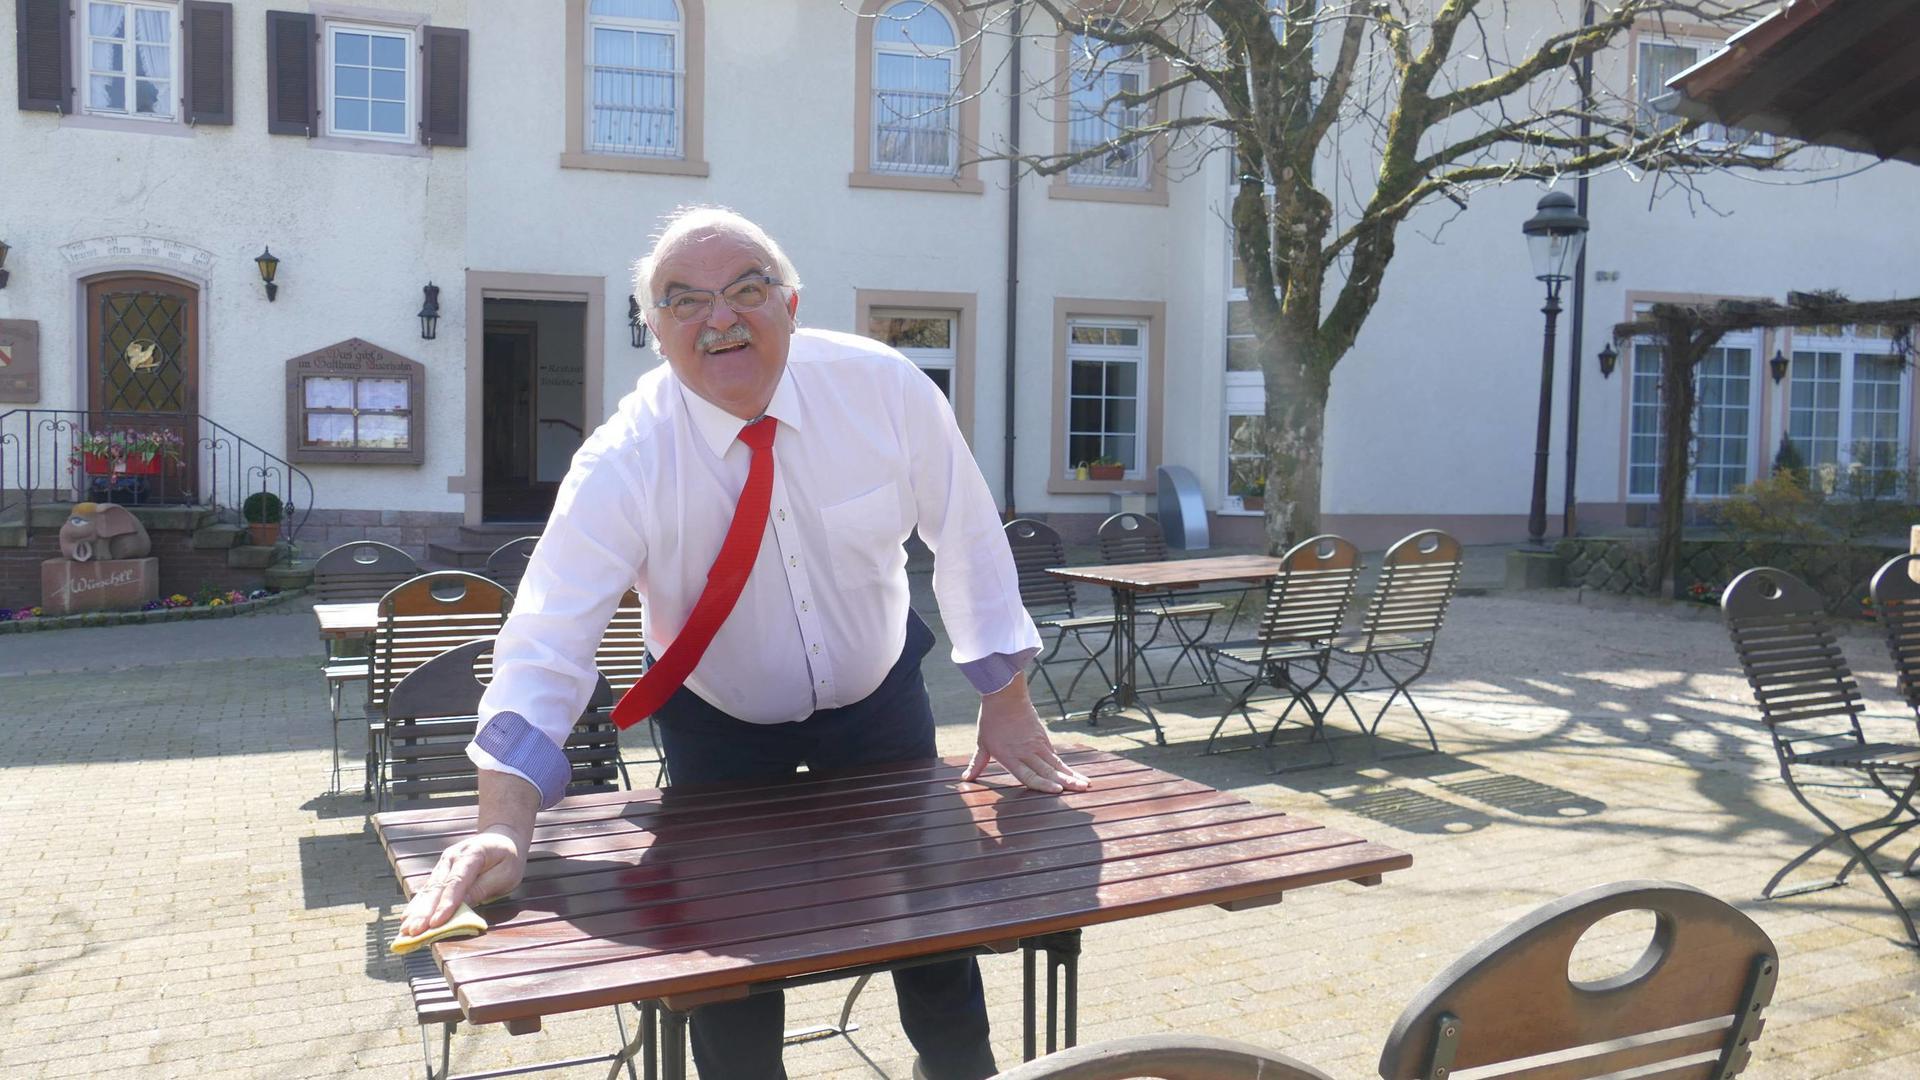 """Bestes Ausflugswetter herrscht derzeit. Eigentlich perfekt fürs Ostergeschäft, sagt Hans Schindler. """"Das können wir mit Lieferservices nicht aufholen, das ist klar."""""""